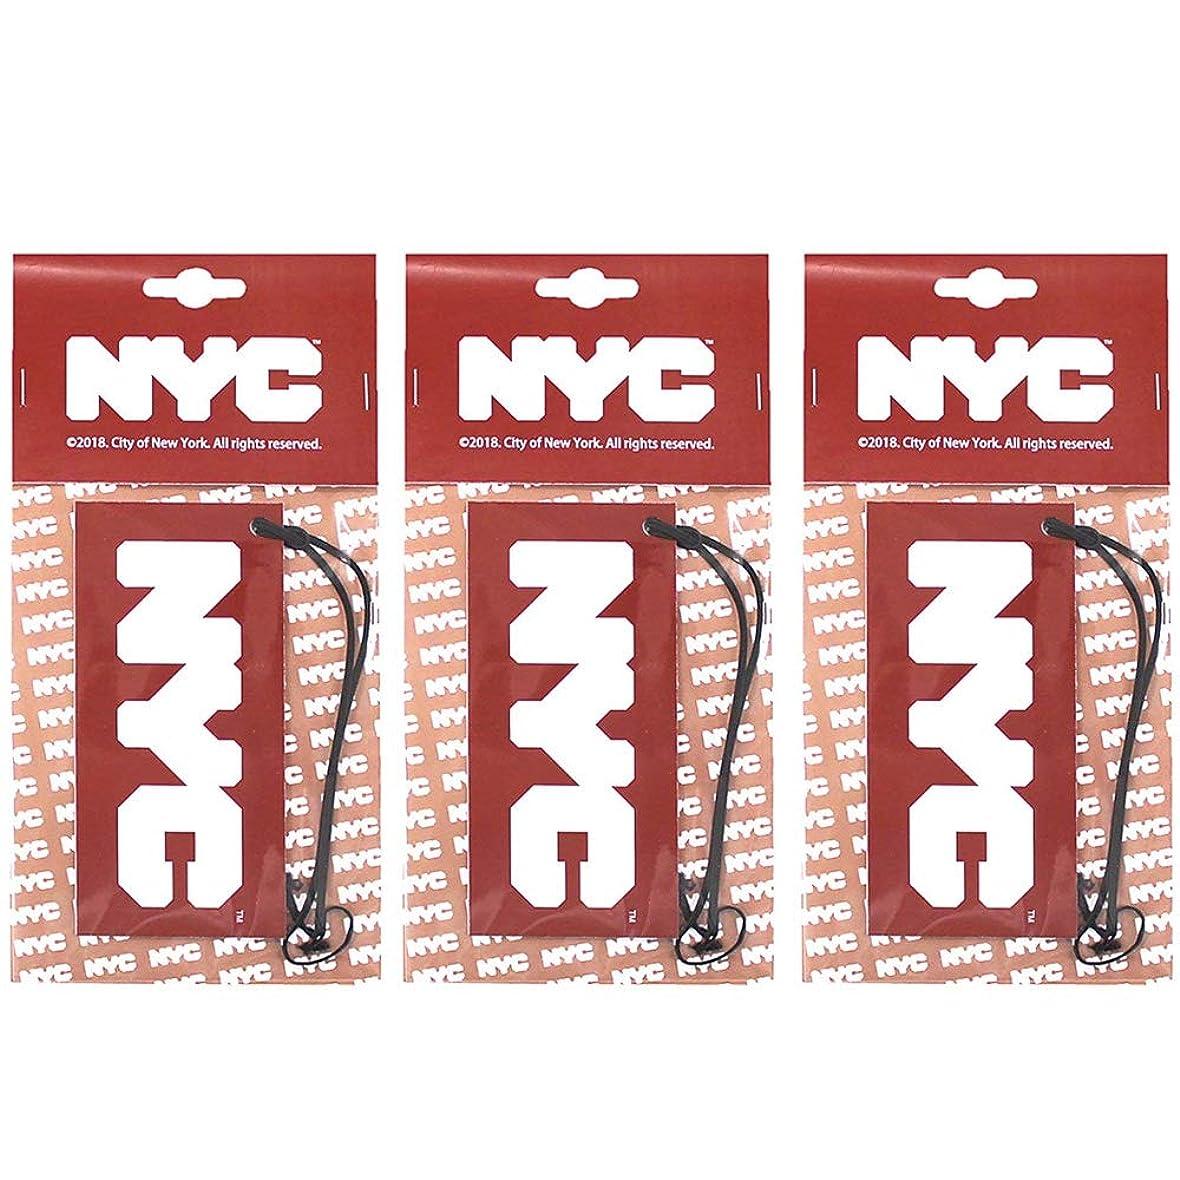 水銀のスチュワードのNYC ルームフレグランス エアーフレッシュナー 吊り下げ型 ロゴ ホワイトムスク OA-NYC-1-1 車用芳香剤 (3)